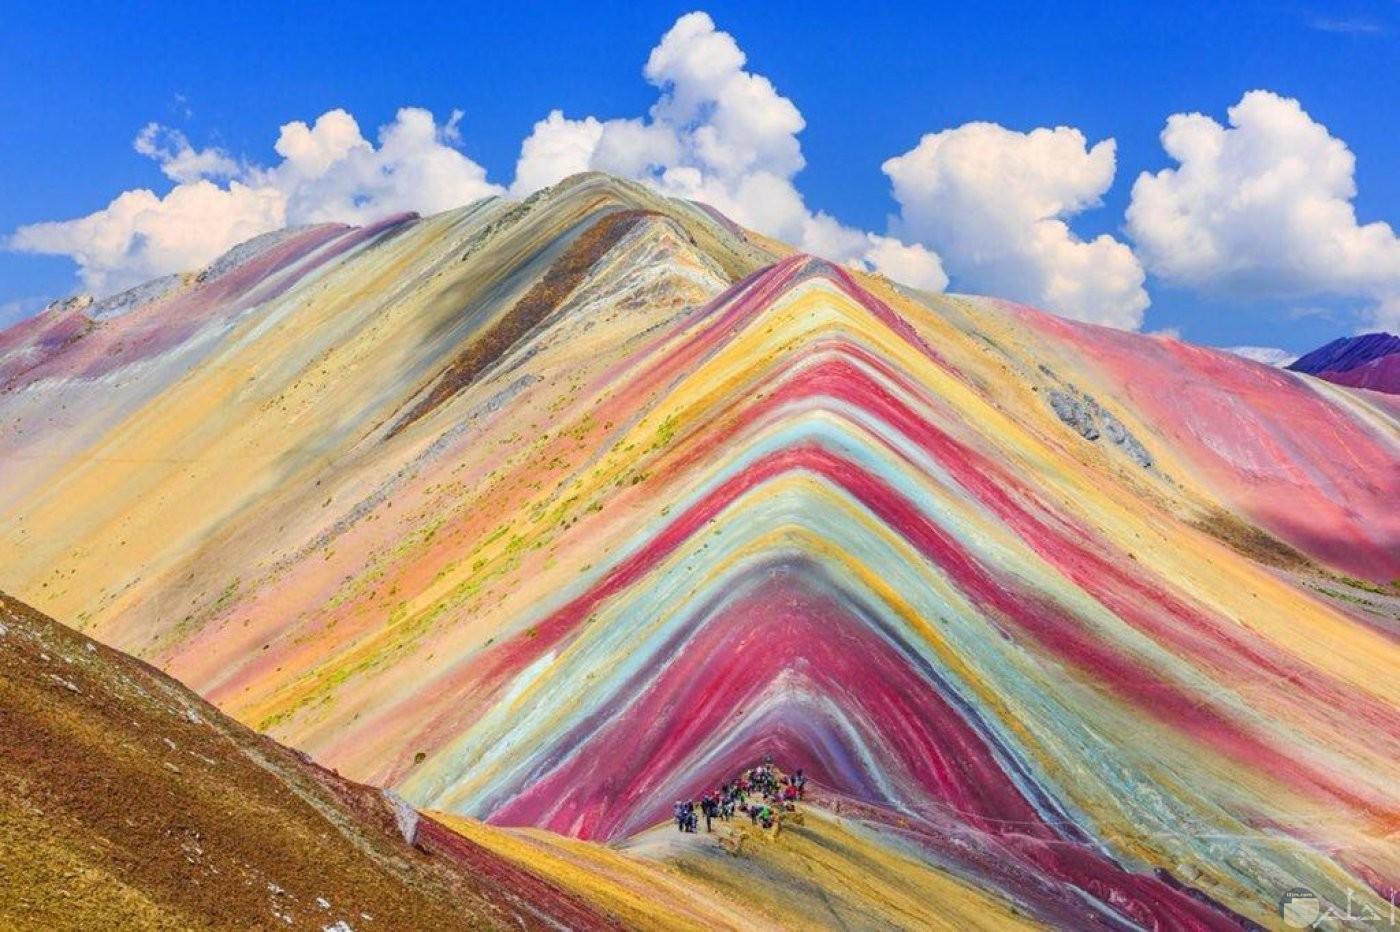 جبال بألوان تبدو كألوان قوس قزح.